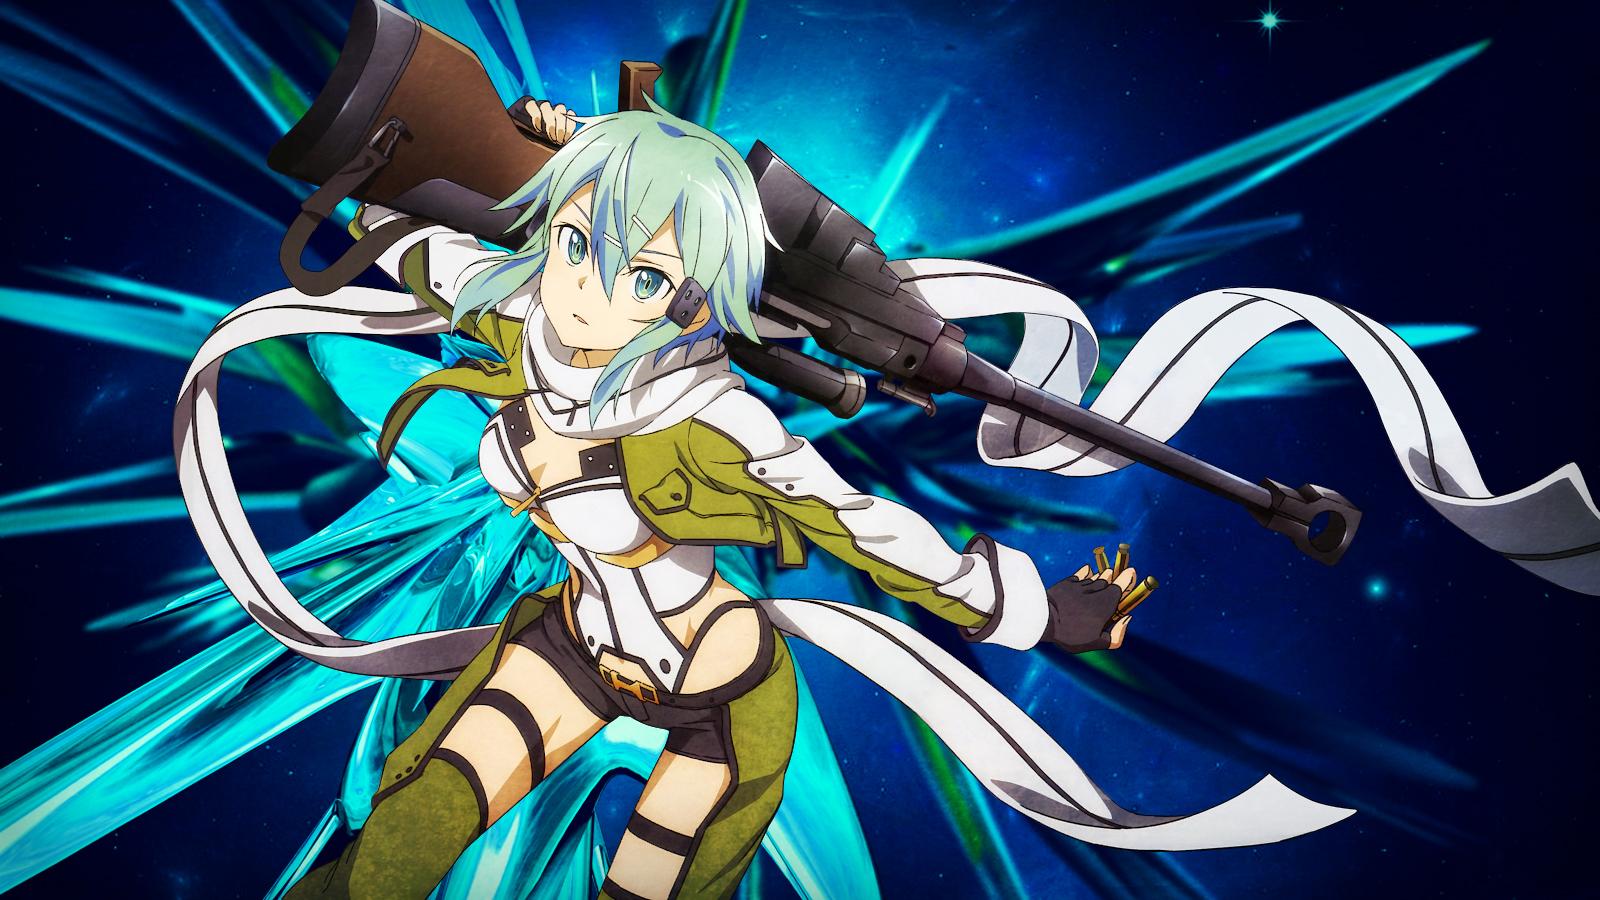 Animepaper 6 Sinon Sword Art Online Ii By Thearteek On Deviantart